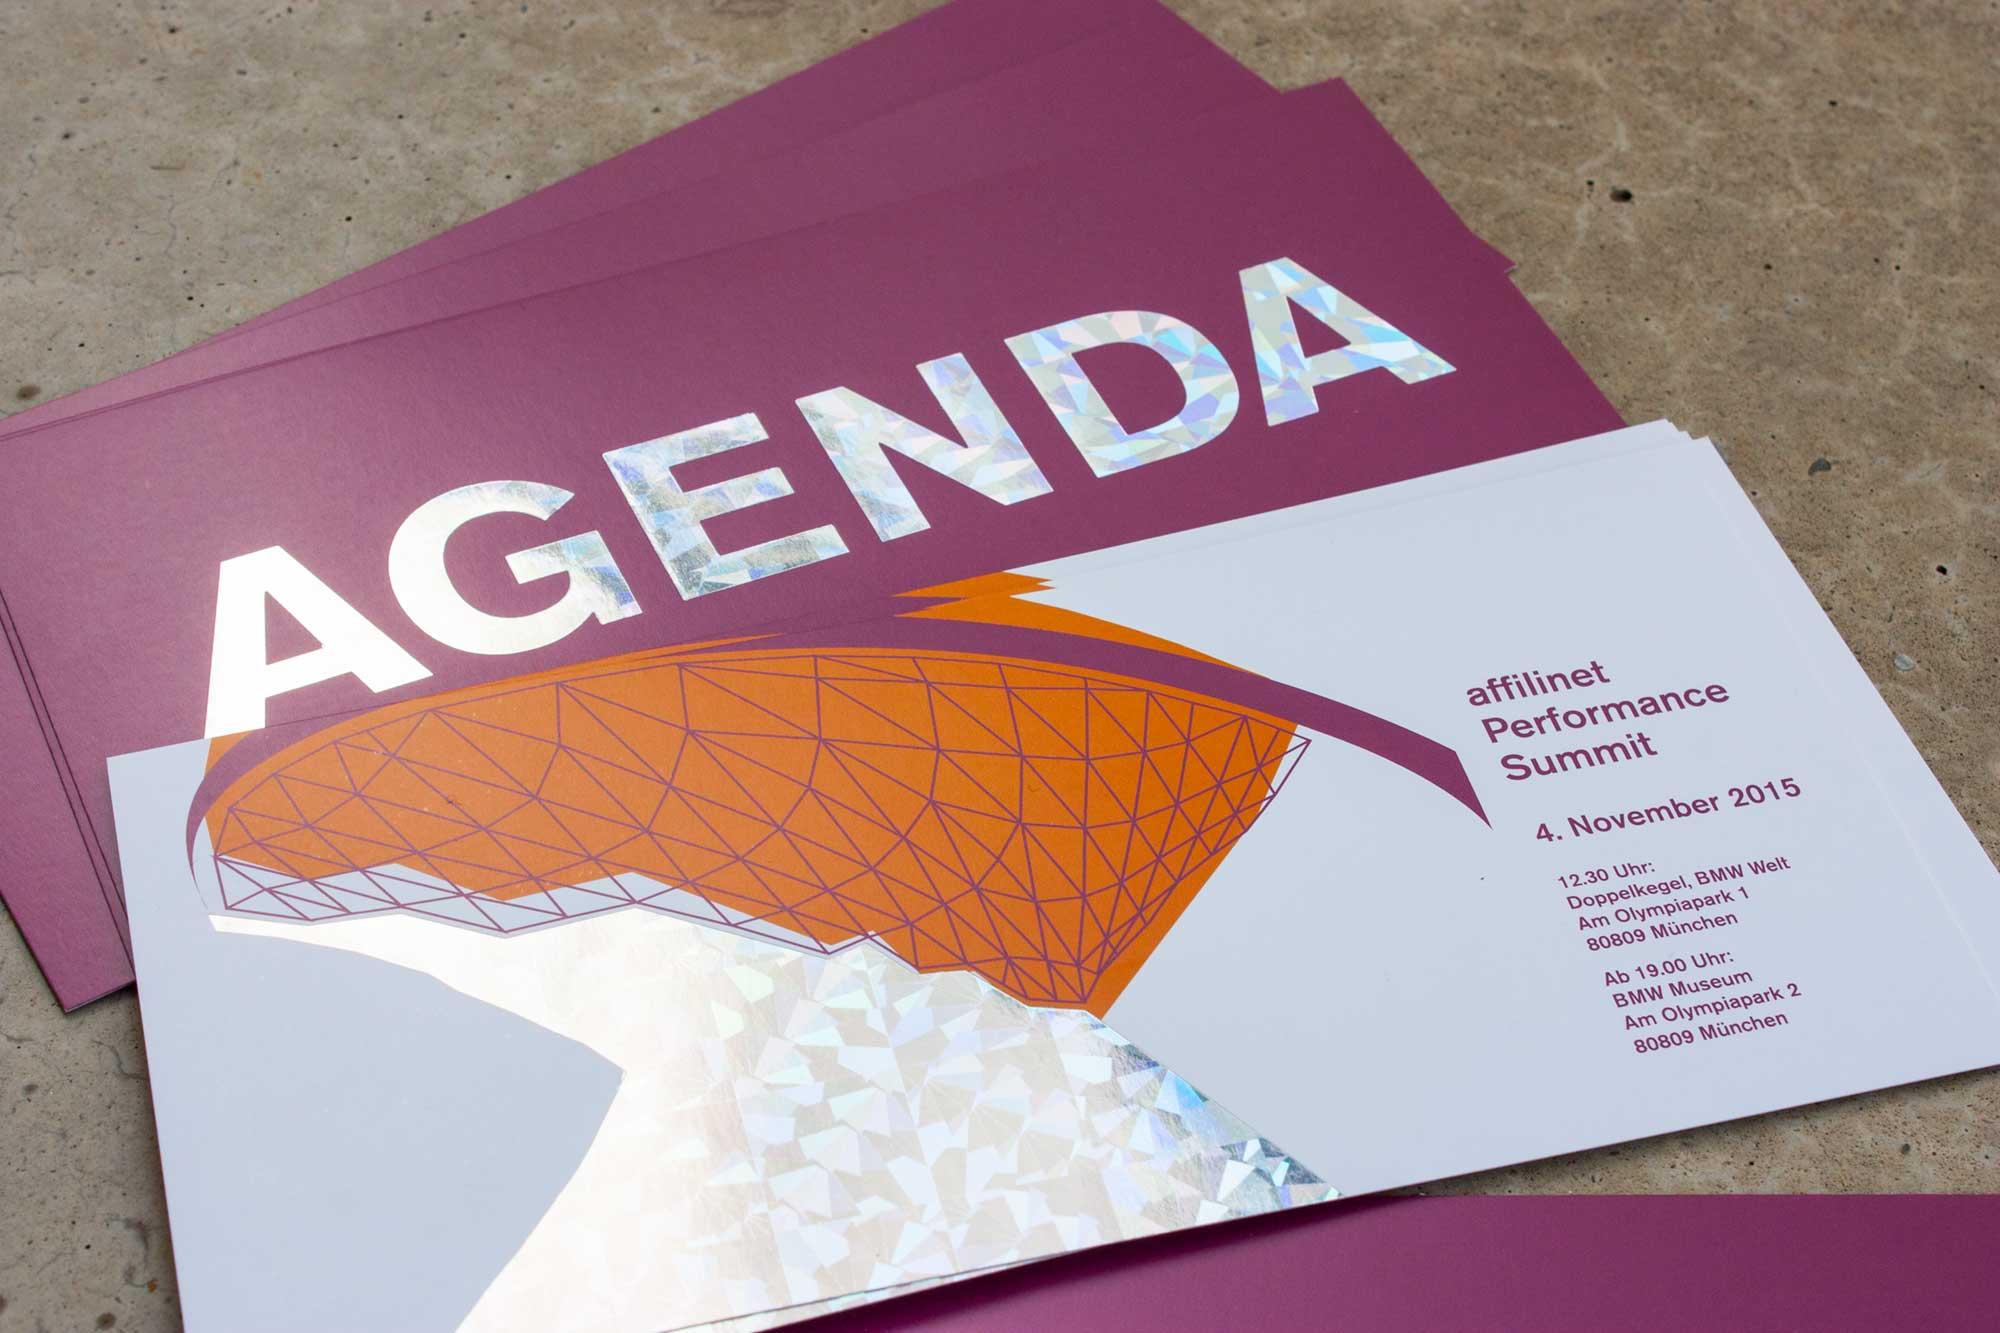 Einladung und Agenda affilinet Performance Summit mit Hologrammfolie